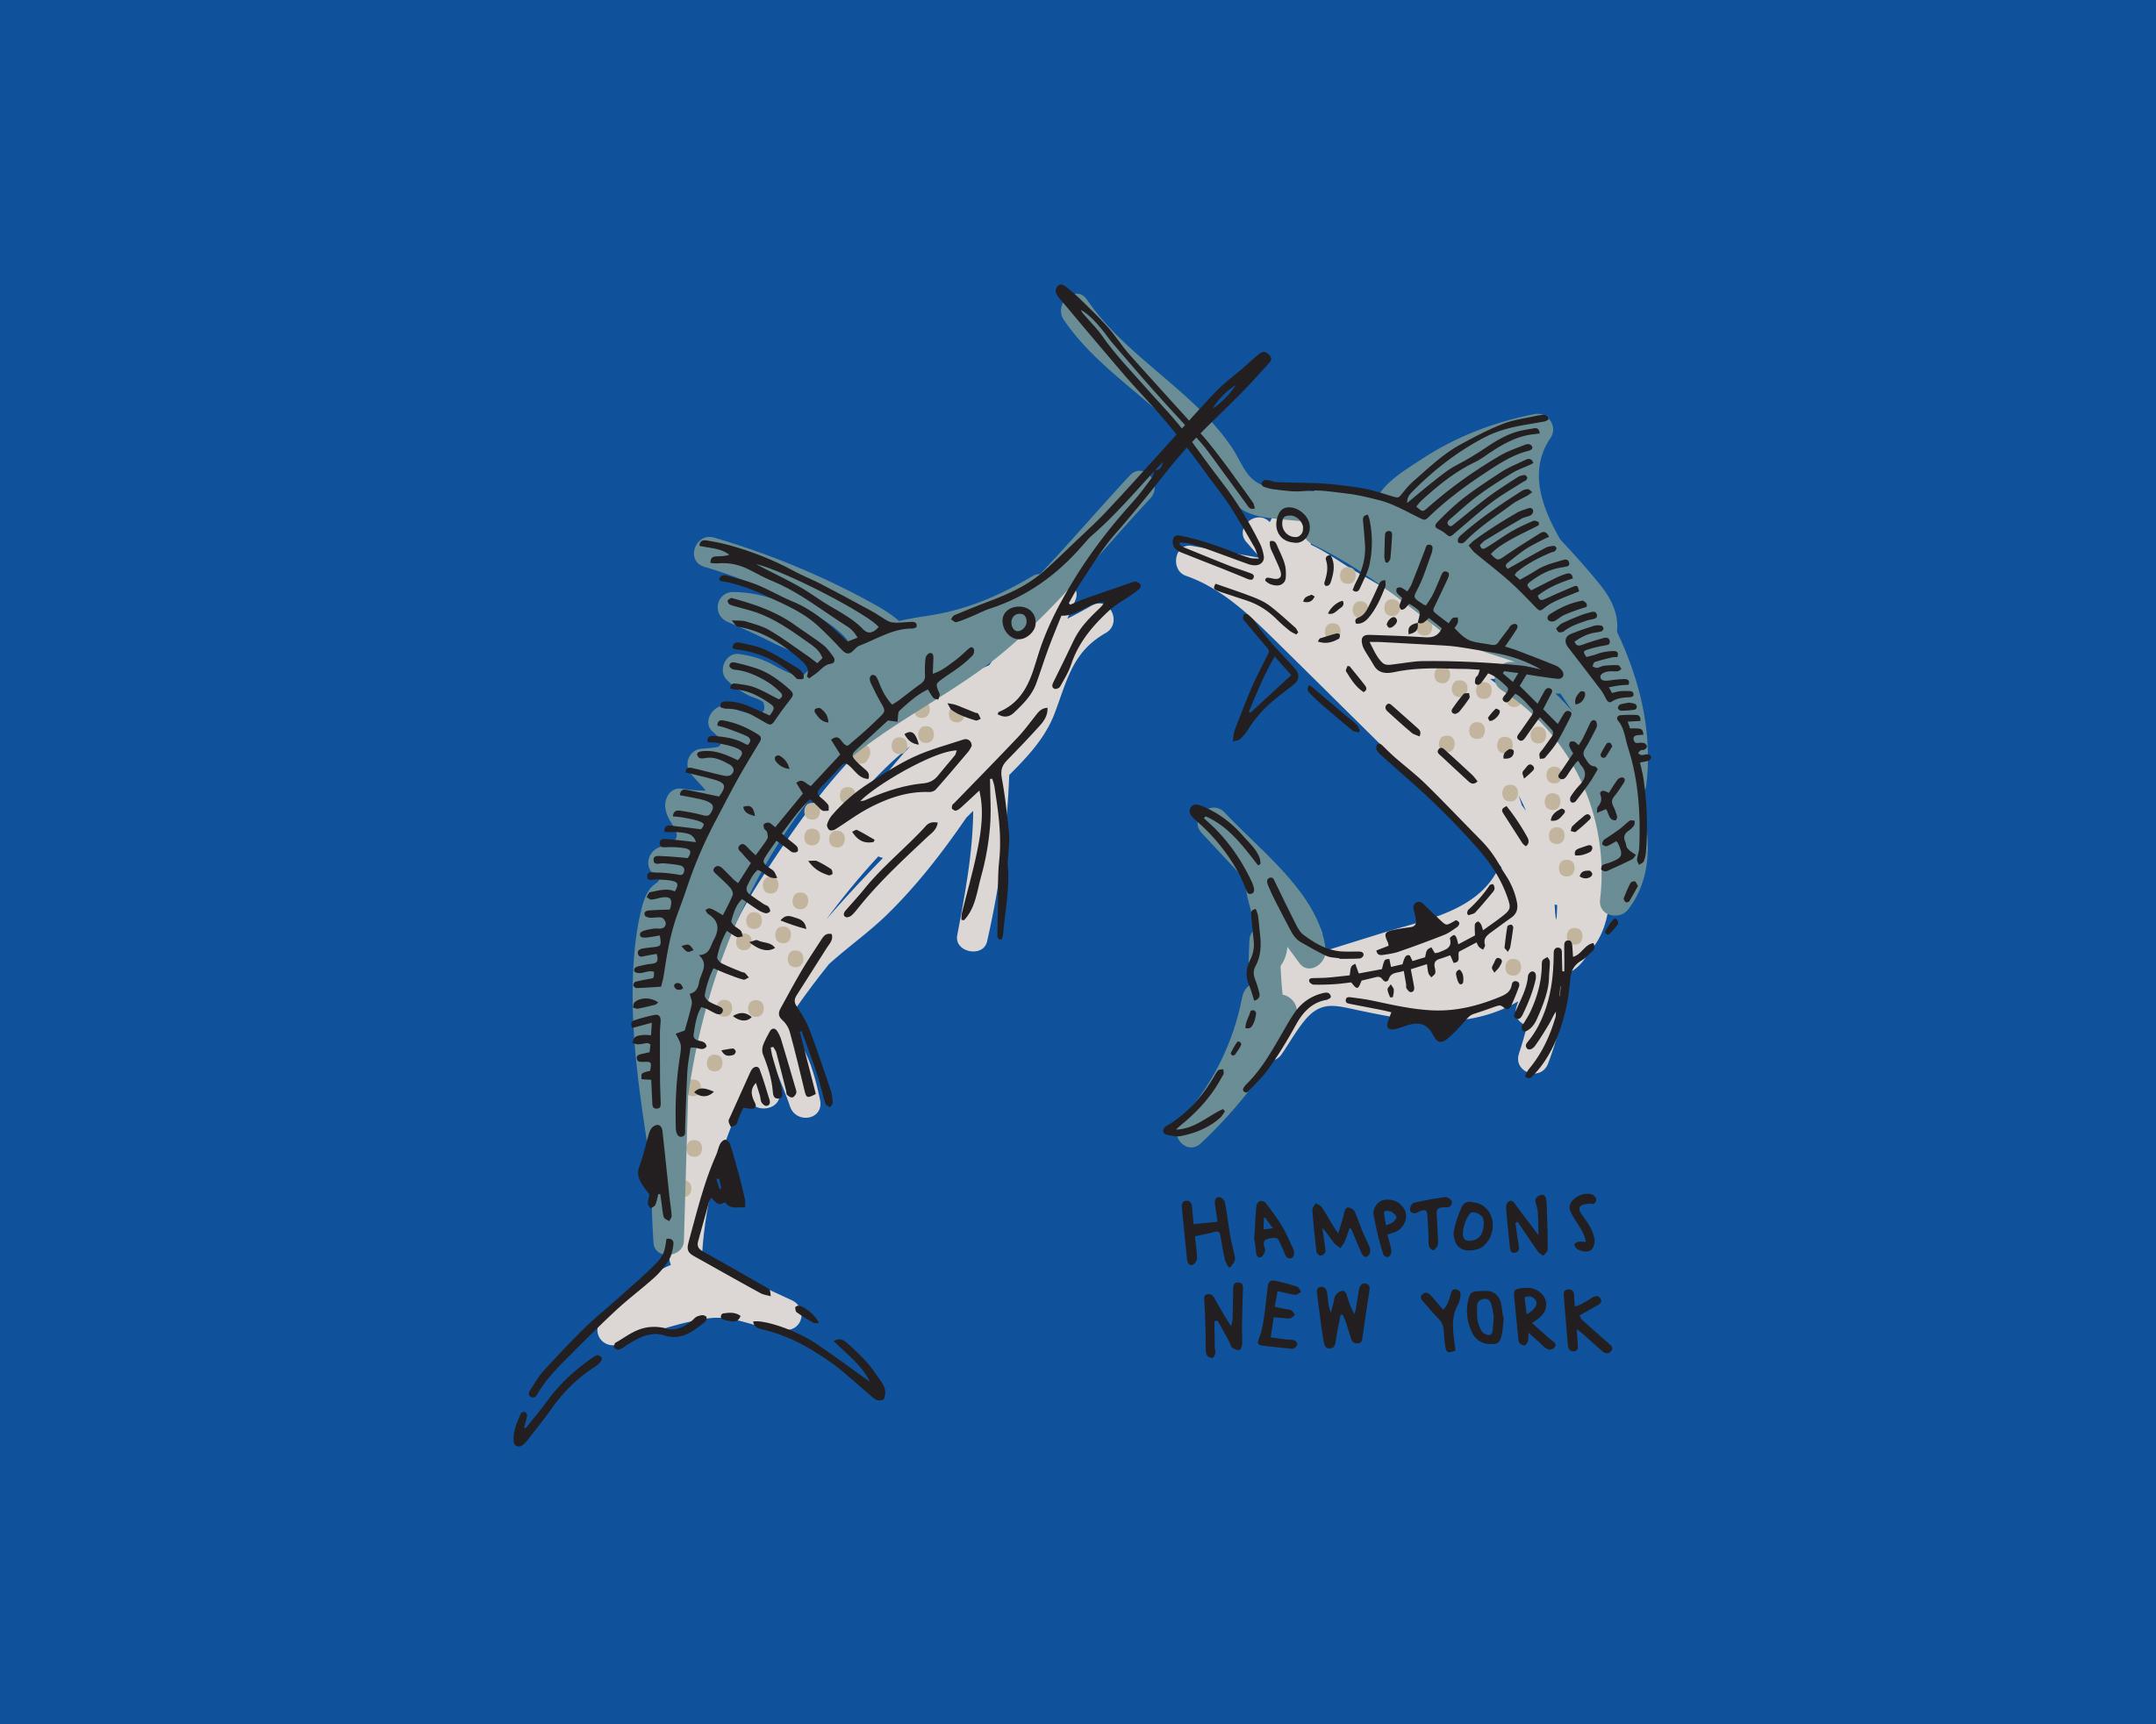 whaler_NY_marlin_illustration.jpg